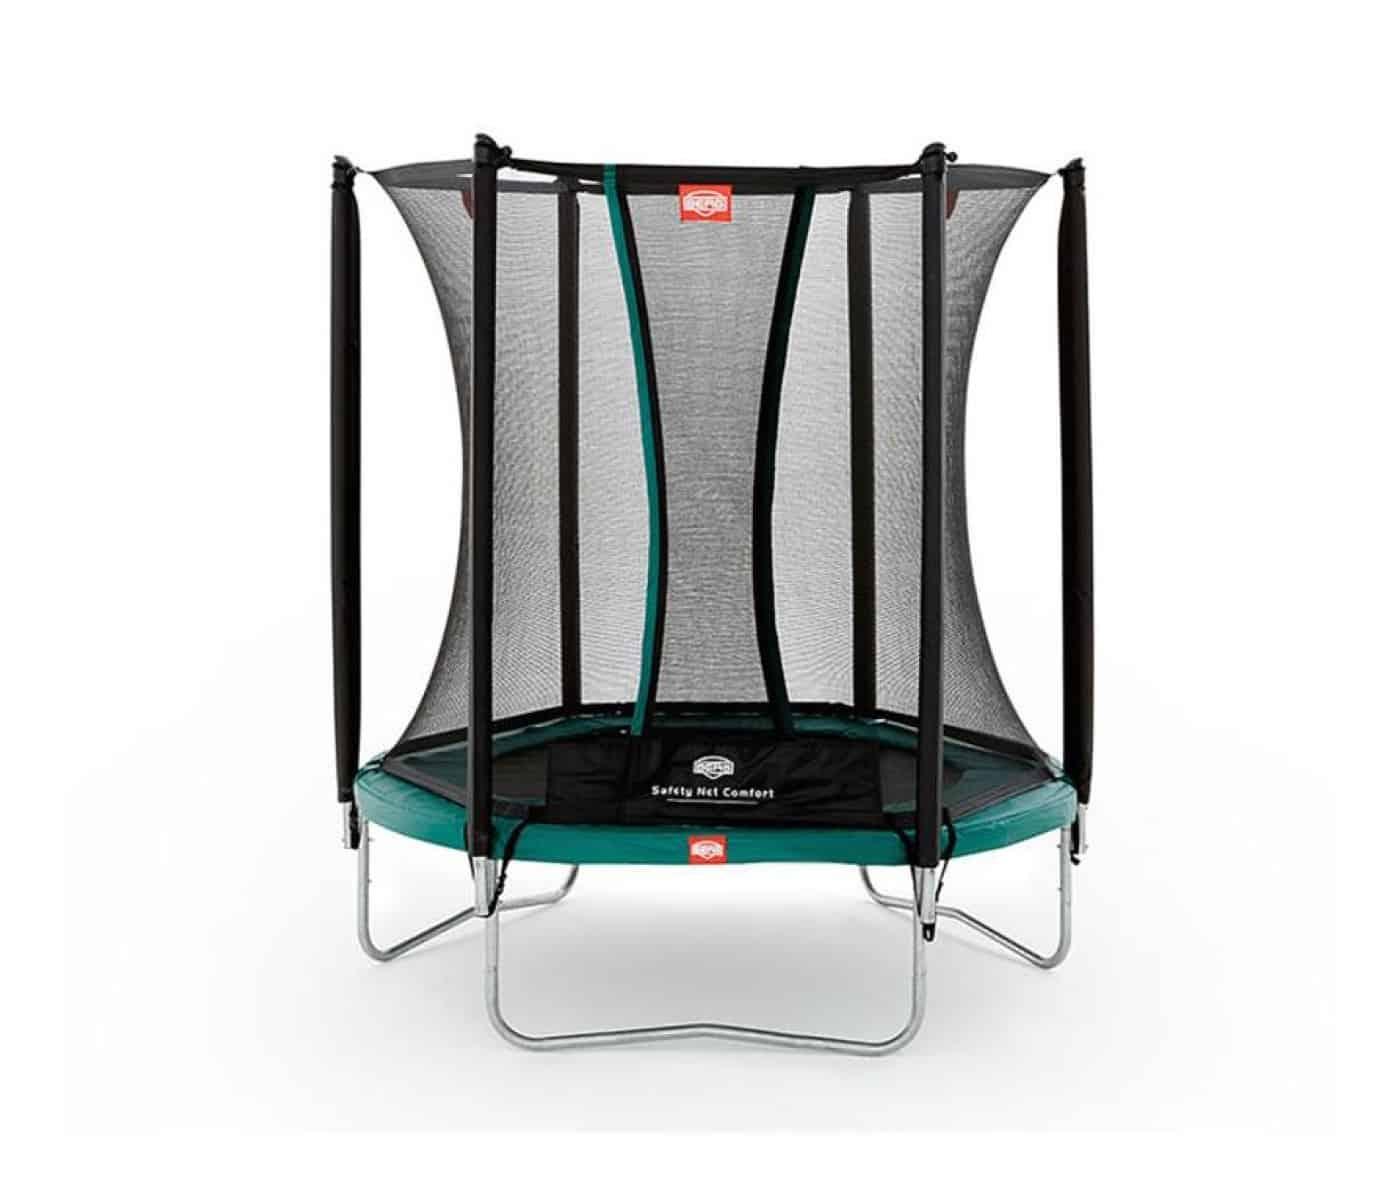 BERG Talent 180 cm inkl Comfort sikkerhedsnet